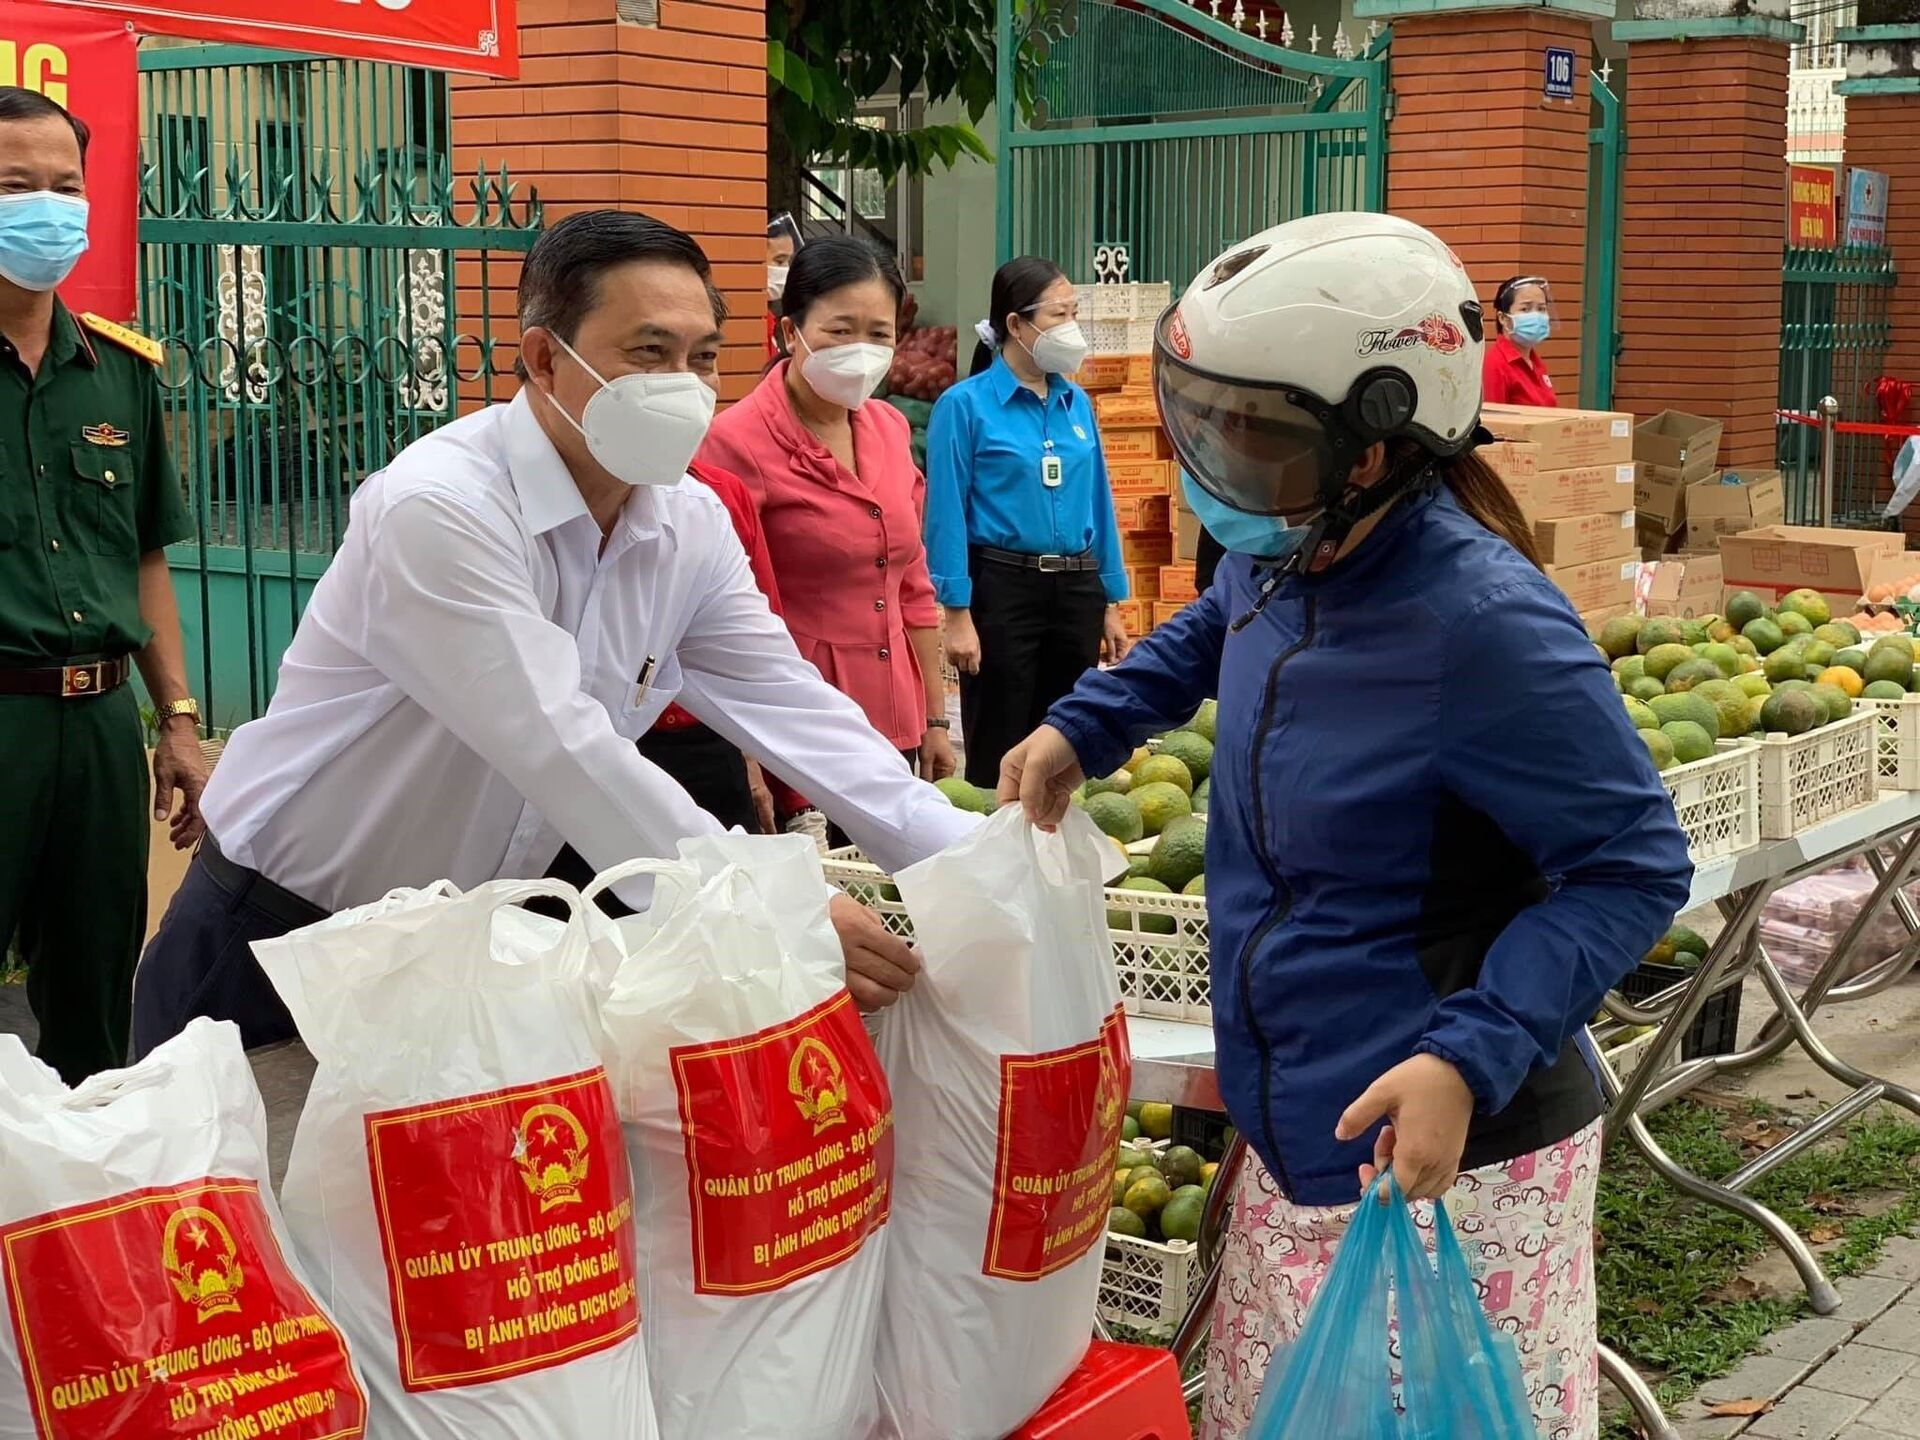 Chủ tịch Mặt trận Tổ quốc Việt Nam tỉnh Bình Dương Nguyễn Văn Lộc (mặc áo trắng) trao túi gạo cho người lao động tại Phiên chợ 0 đồng - Sputnik Việt Nam, 1920, 05.10.2021